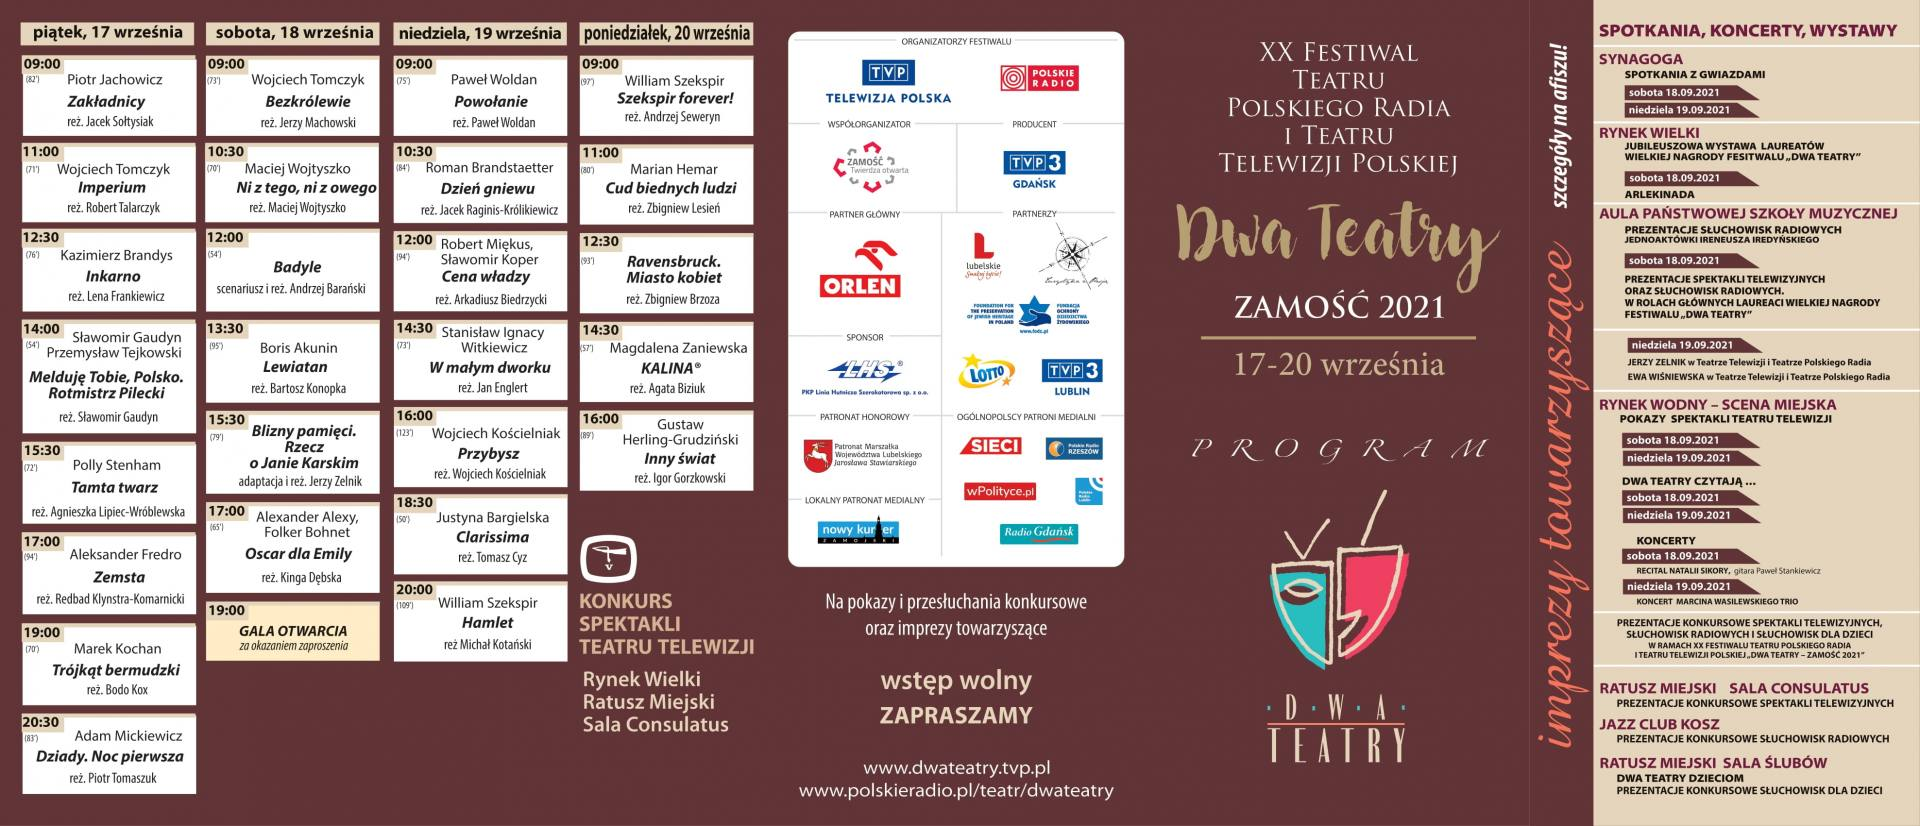 program 2t spektakle plus sluchowiska 1 Festiwal Dwa Teatry zagości w Zamościu. Co w programie wydarzenia?